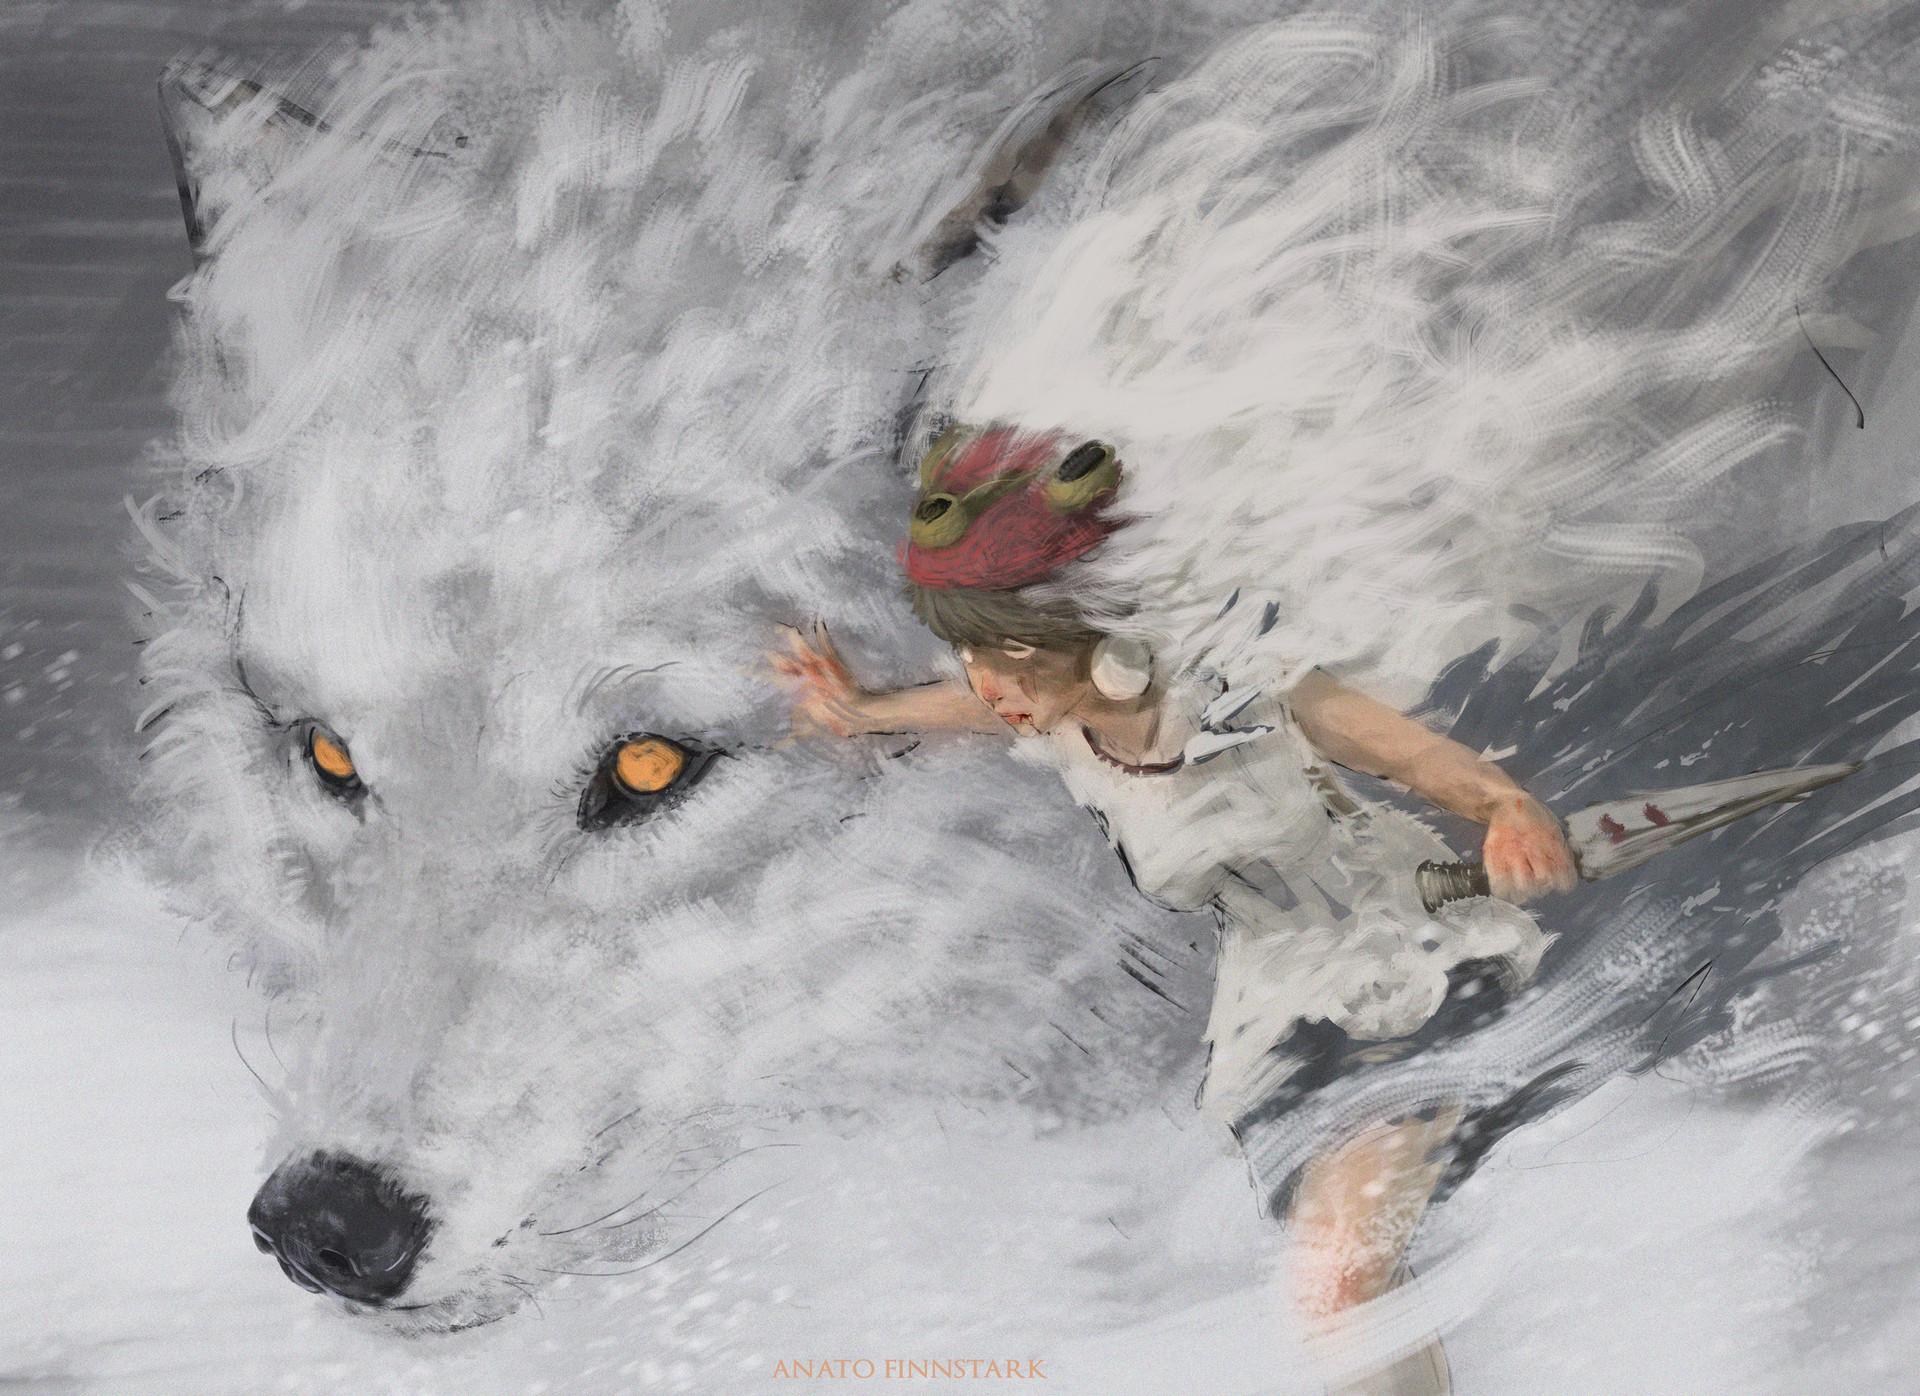 Anato finnstark mononoke fvfeezfefefefefef